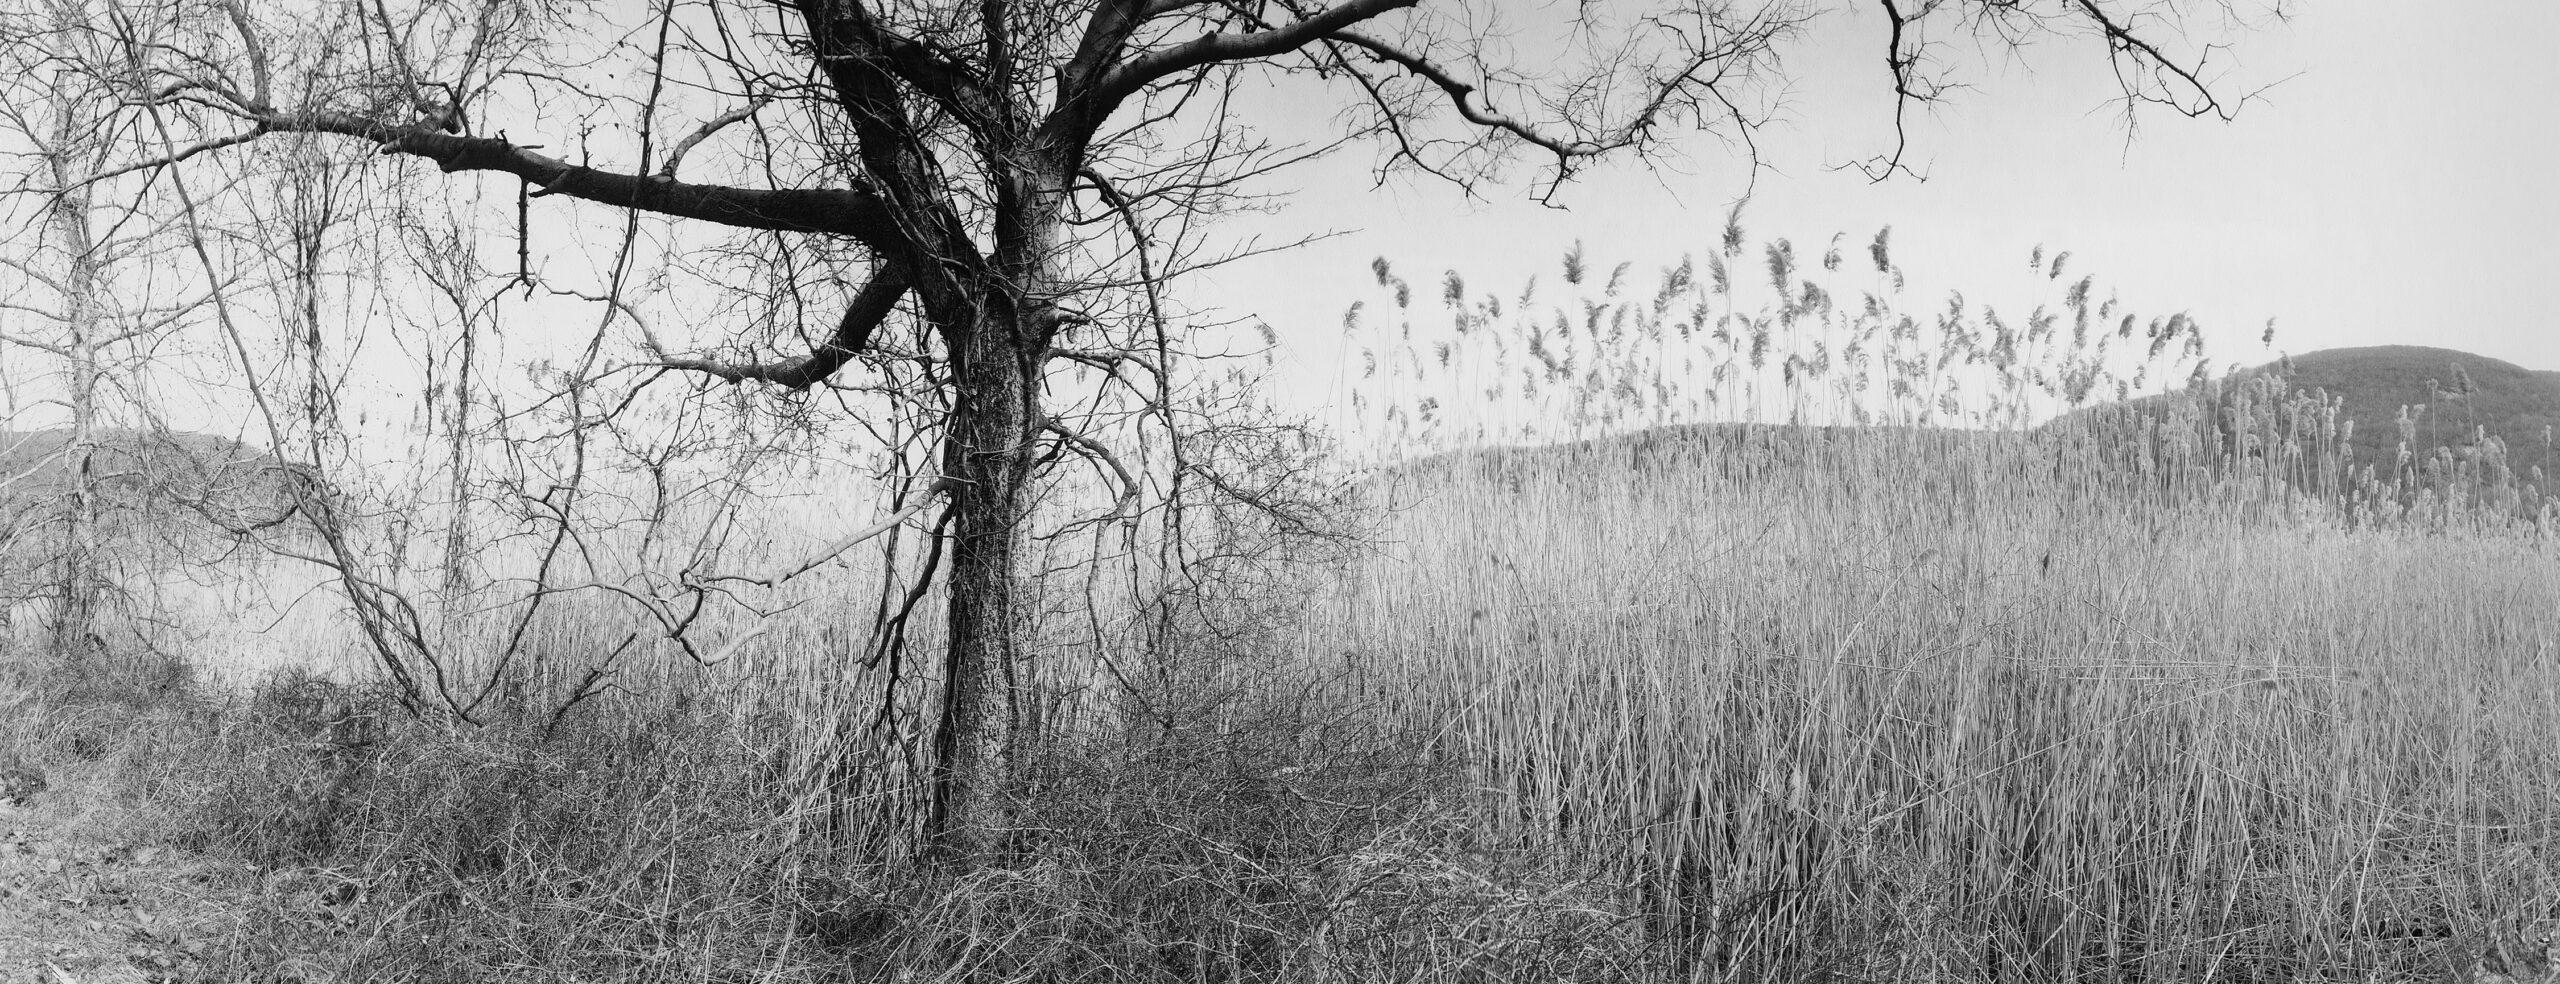 Iona Island, Stony Point, NY, 1994